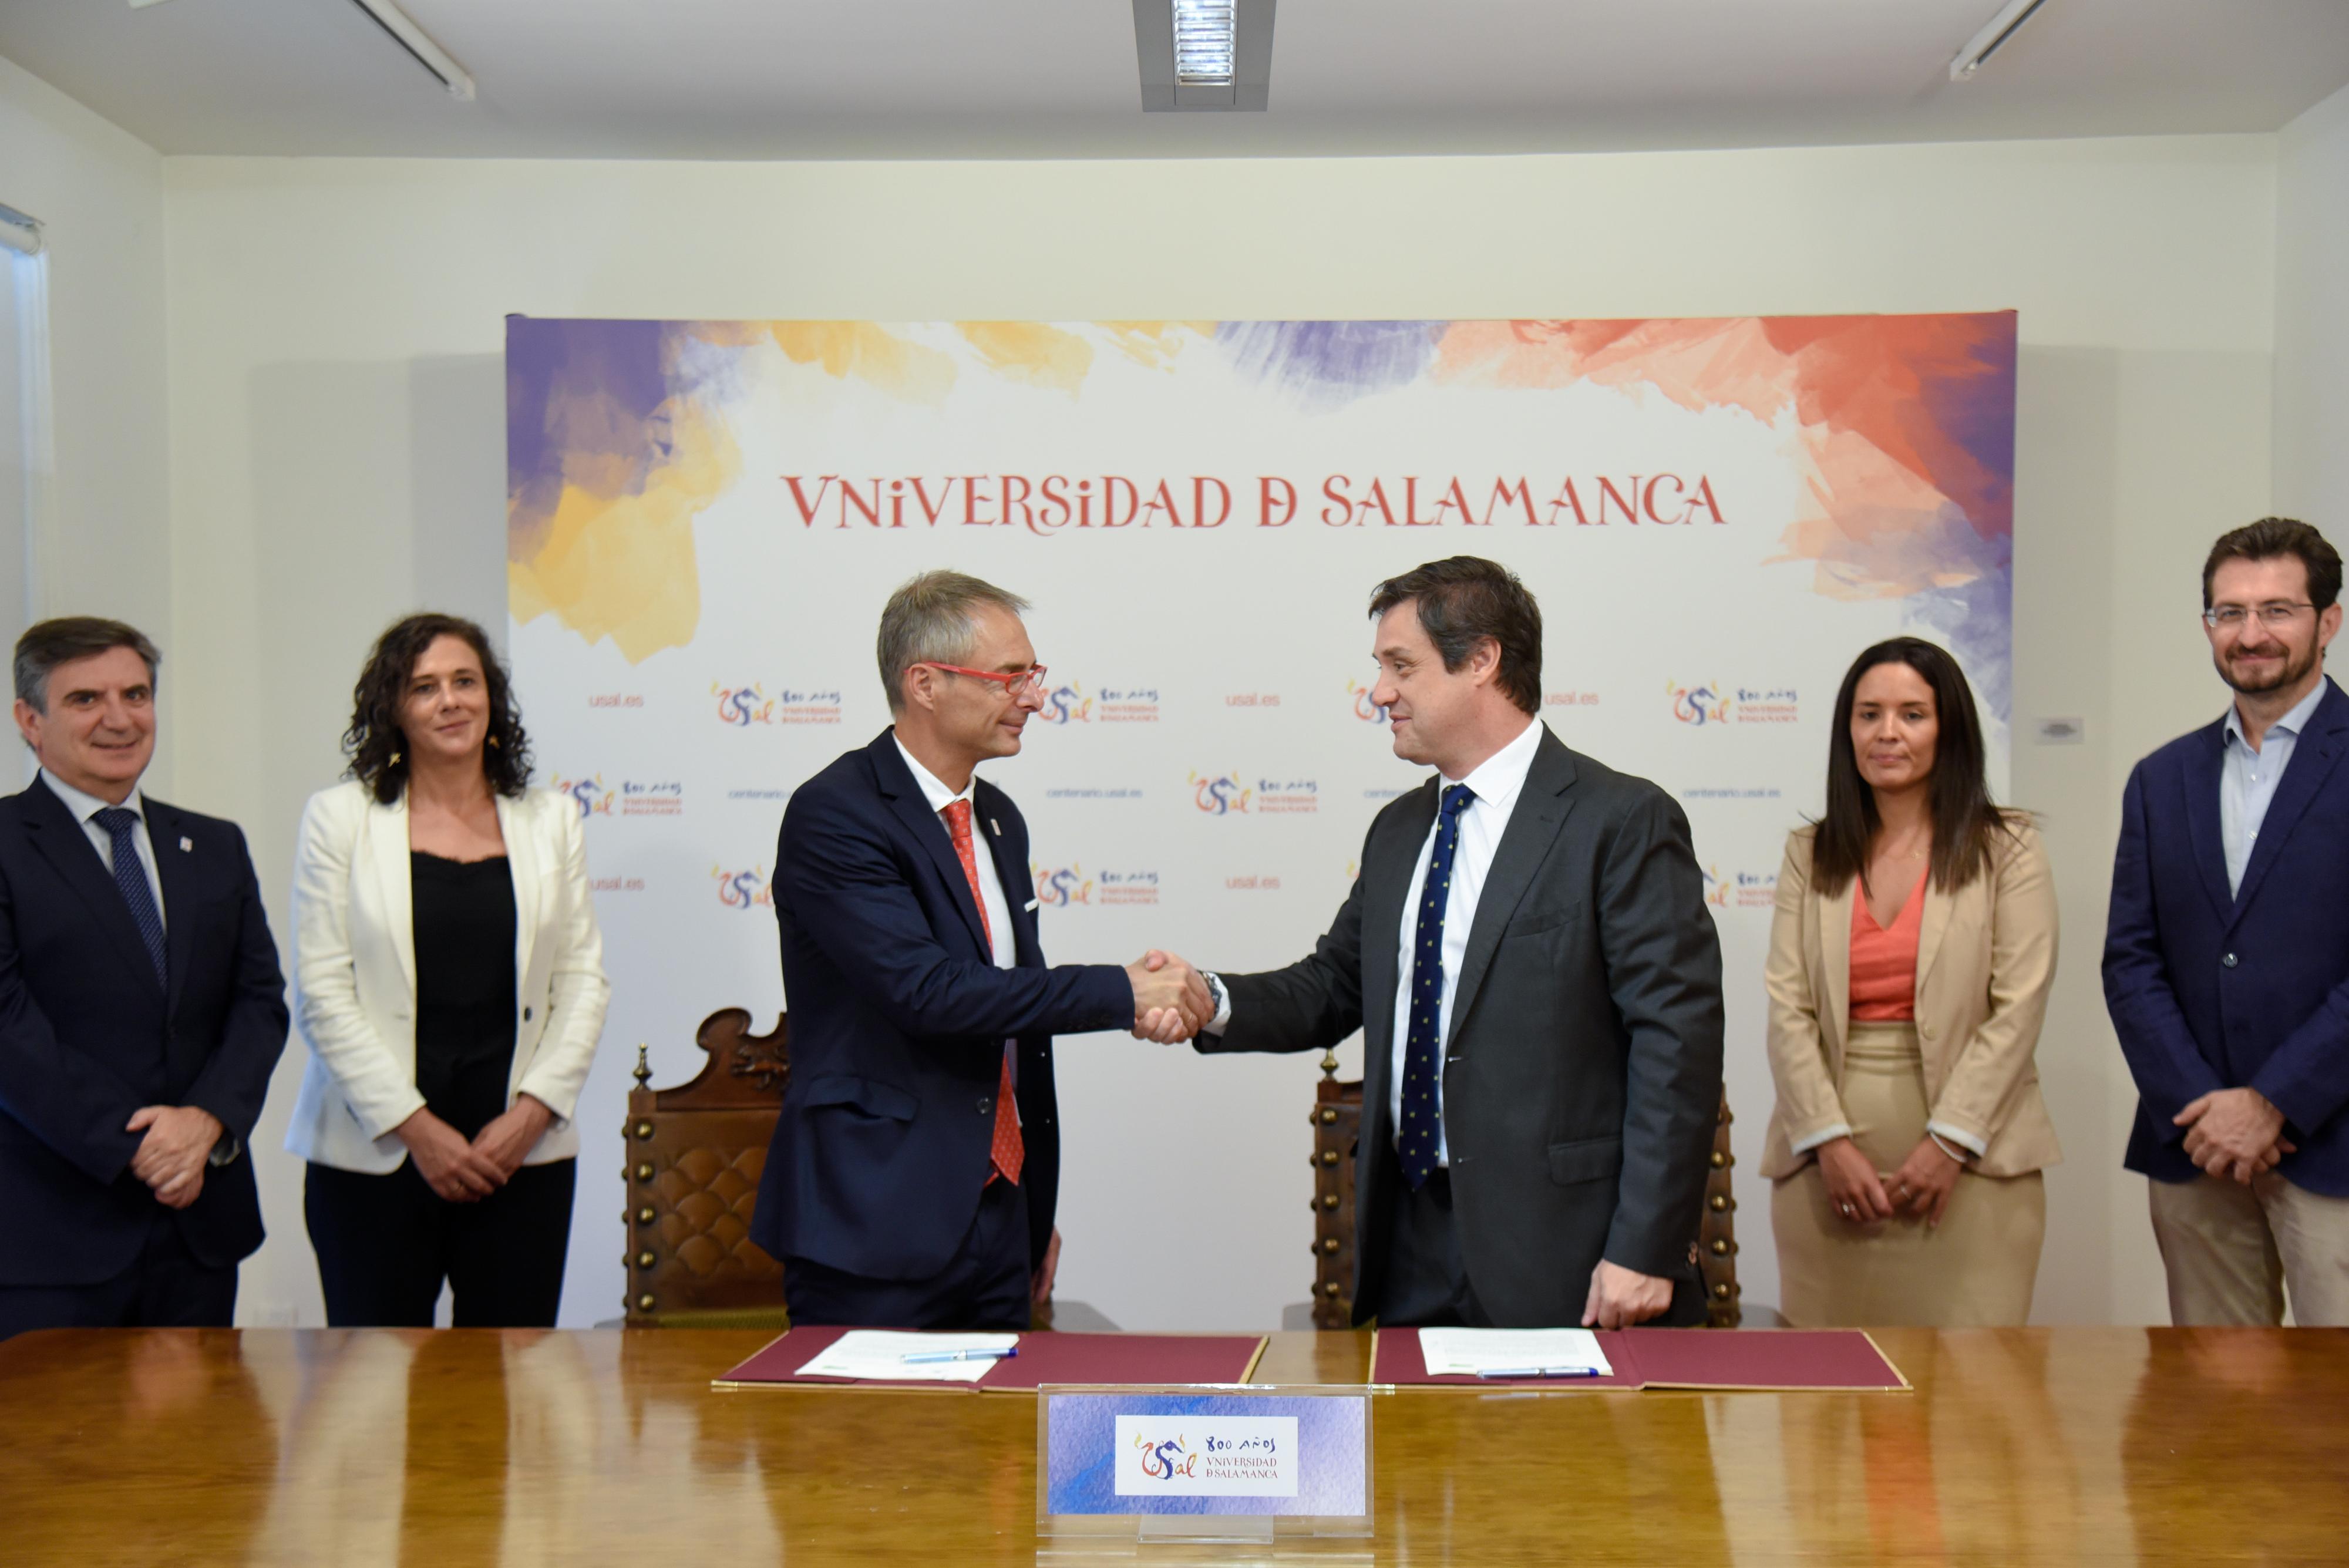 La Universidad de Salamanca y everis promueven la formación, la transferencia tecnológica y el acercamiento al mercado laboral desde Medialab USAL